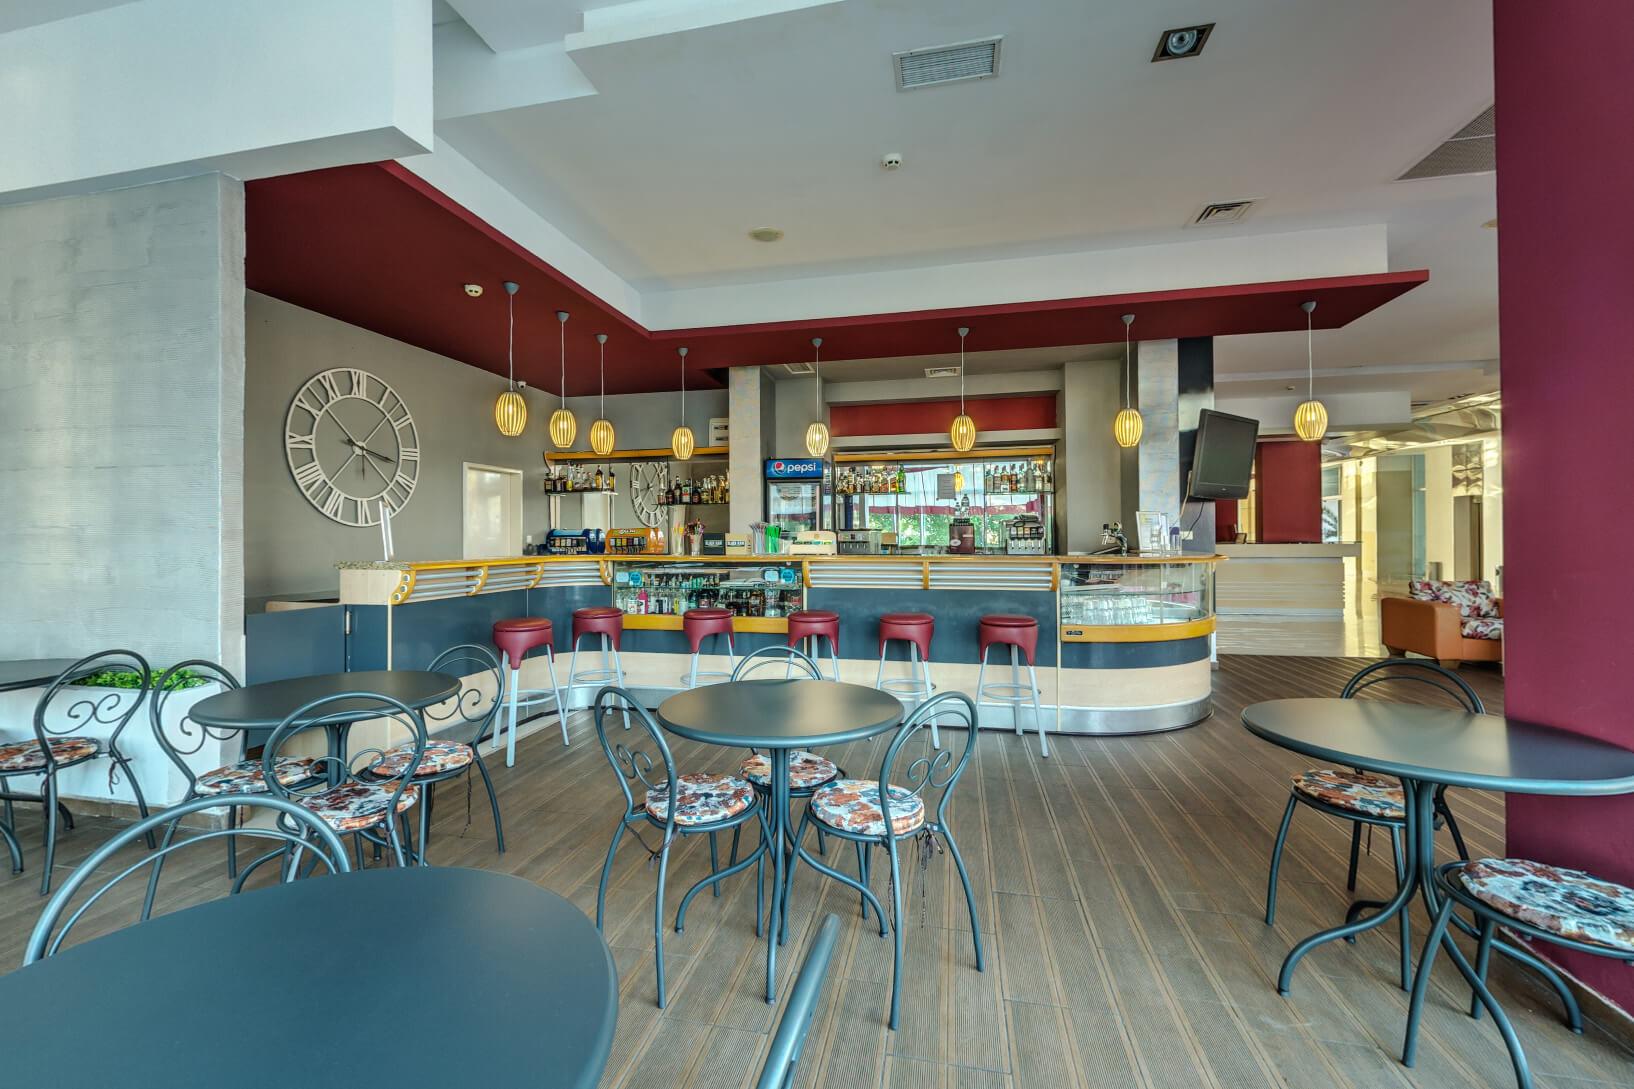 Хотел Феста Панорама - лоби бар